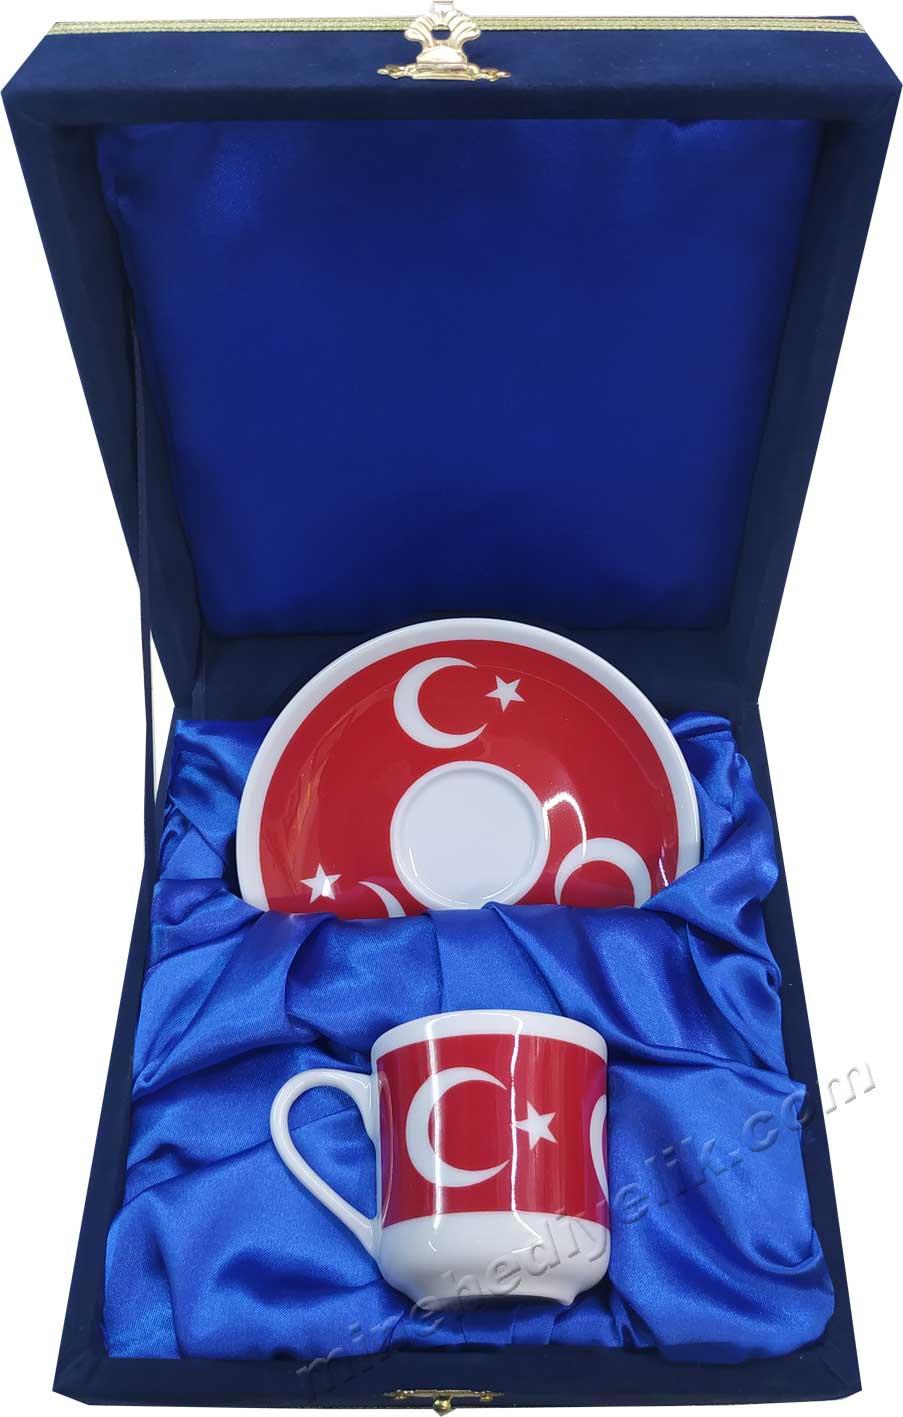 Tekli Ay yıldız Türk Bayraklı Kahve Fincan Seti  Lacivert Kadife Kutuda Hediyelik Tek Kişilik kurumsal promosyon Kahve Fincanları Toptan Satış Fiyatları